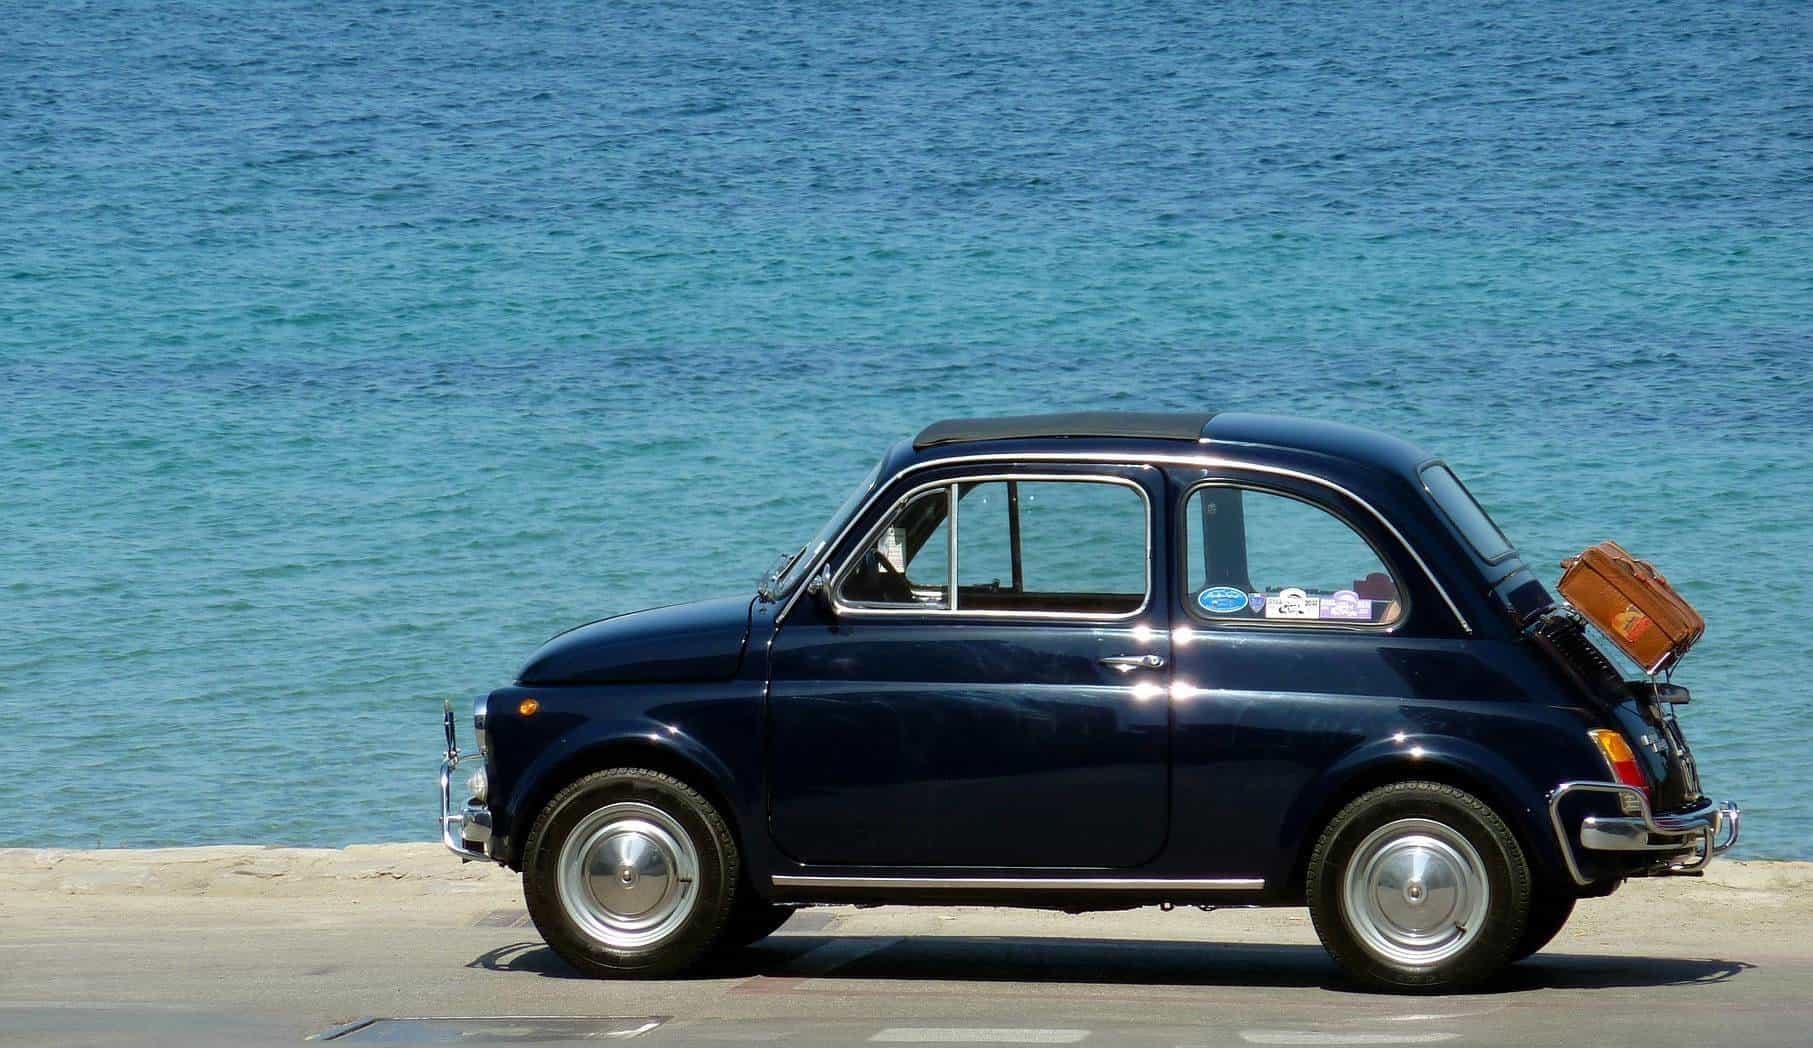 L'Italia in auto: 5 itinerari di viaggio per visitare il Bel Paese on the road